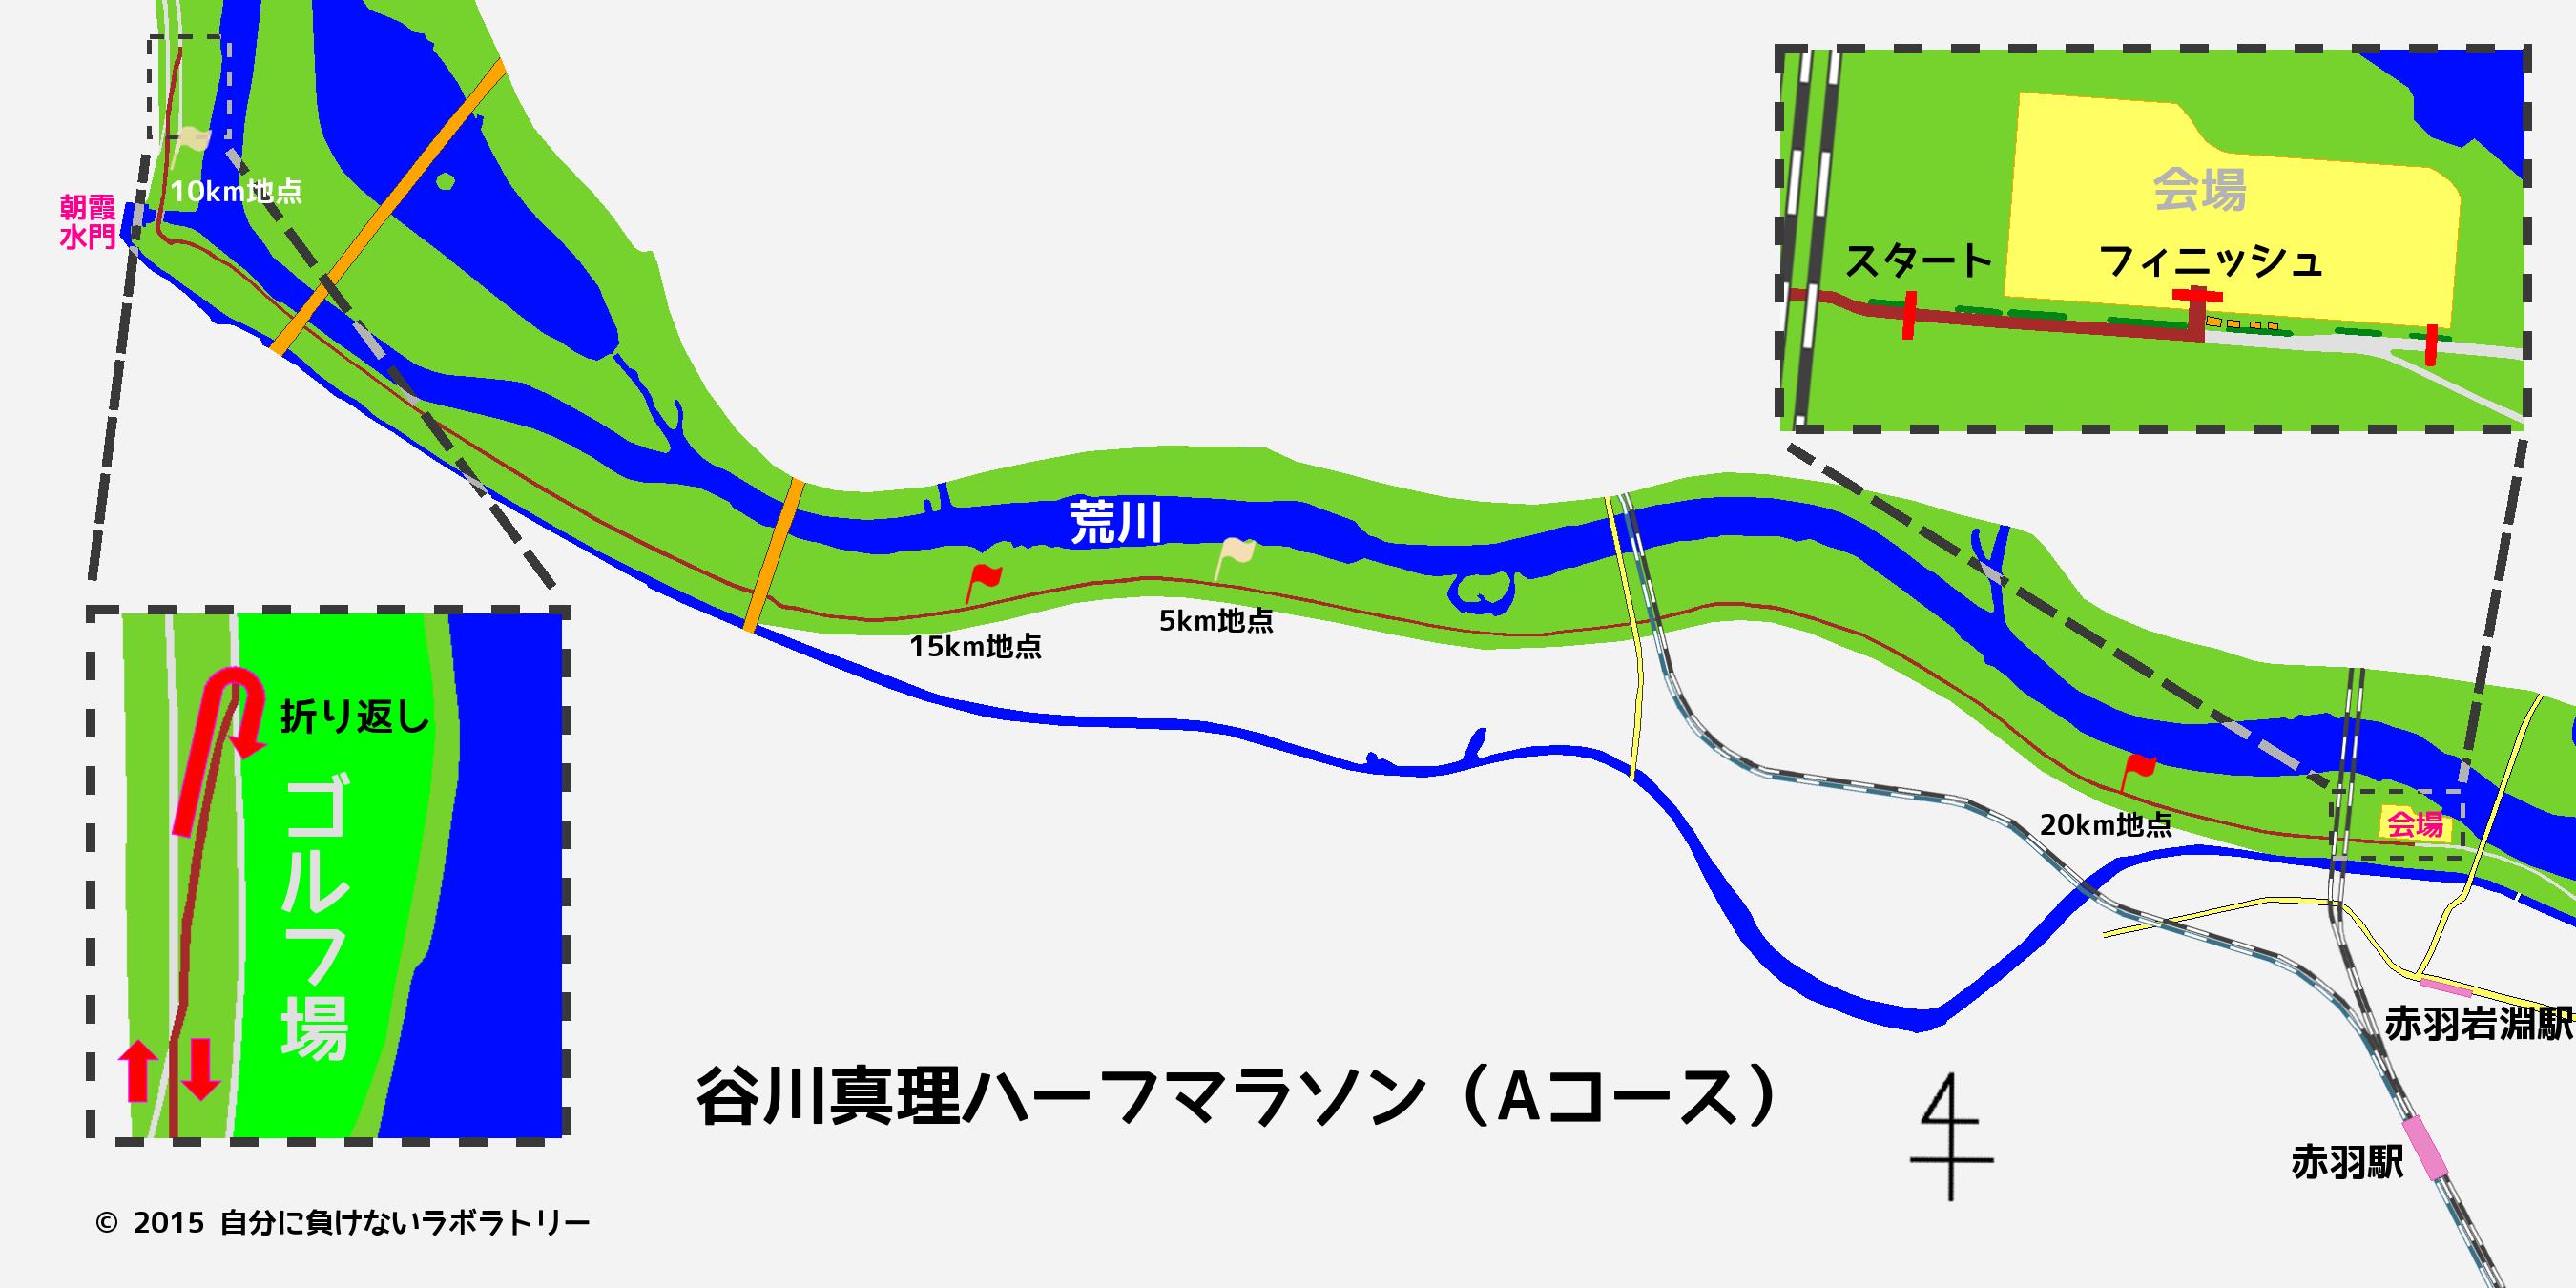 谷川真理ハーフマラソン Aコース 第16回 谷川真理ハーフマラソン(ハイテクハーフマラソン)を走